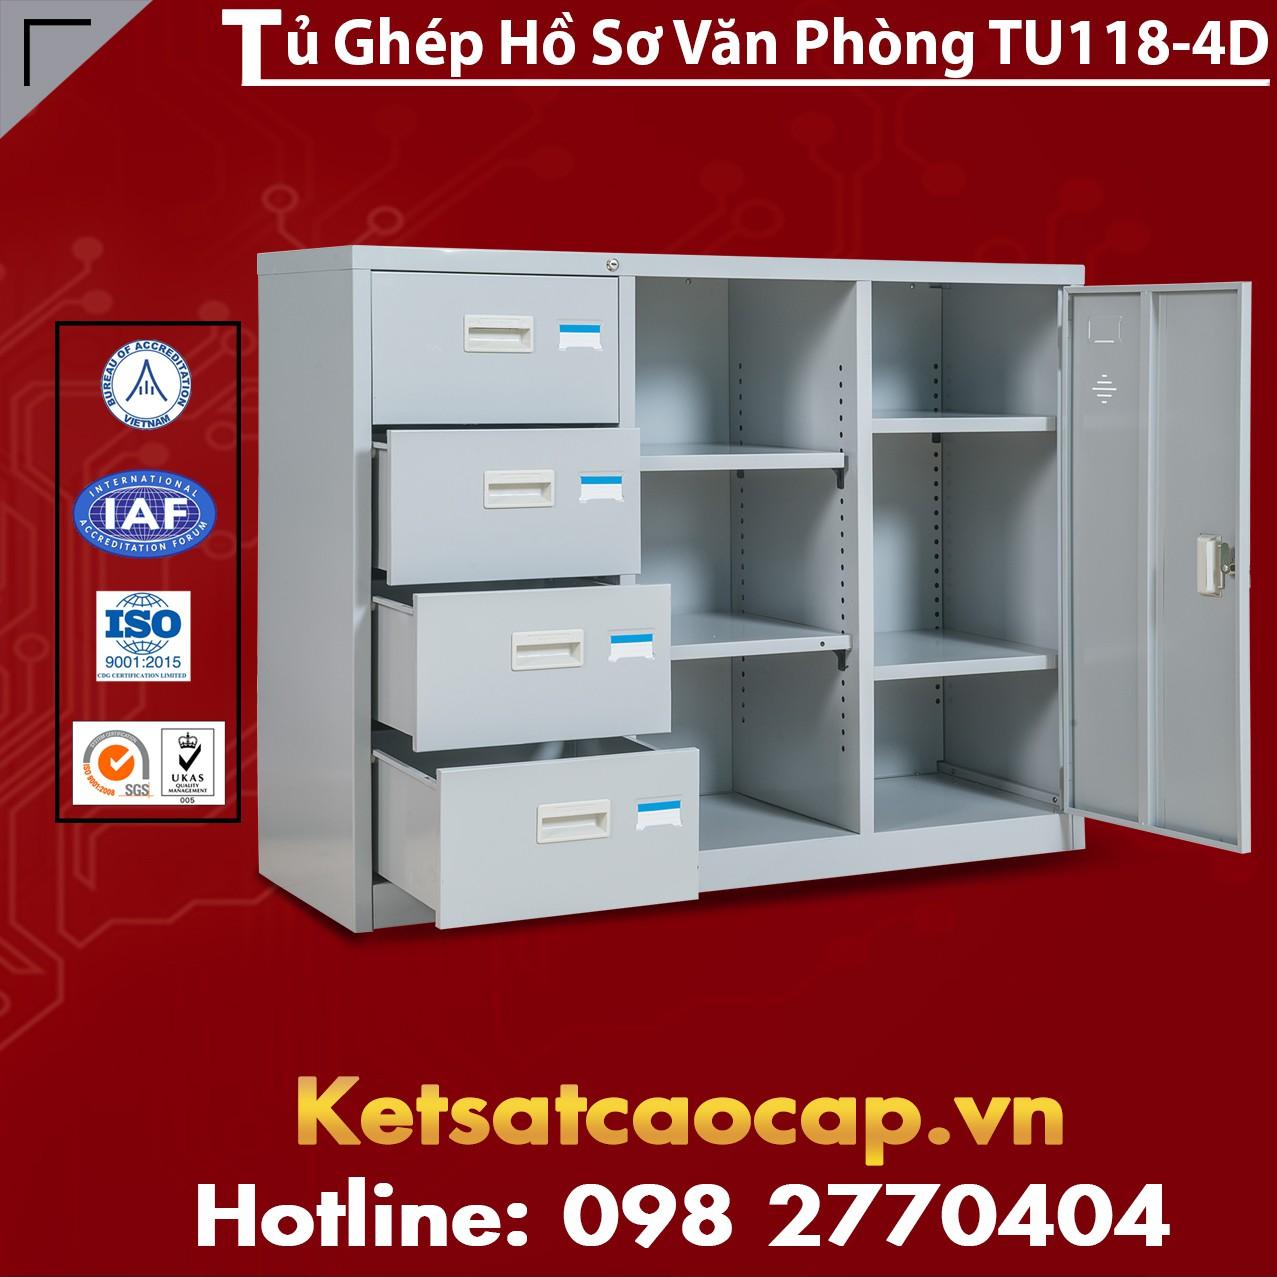 Tủ Ghép Hồ Sơ Văn Phòng TU118-4D